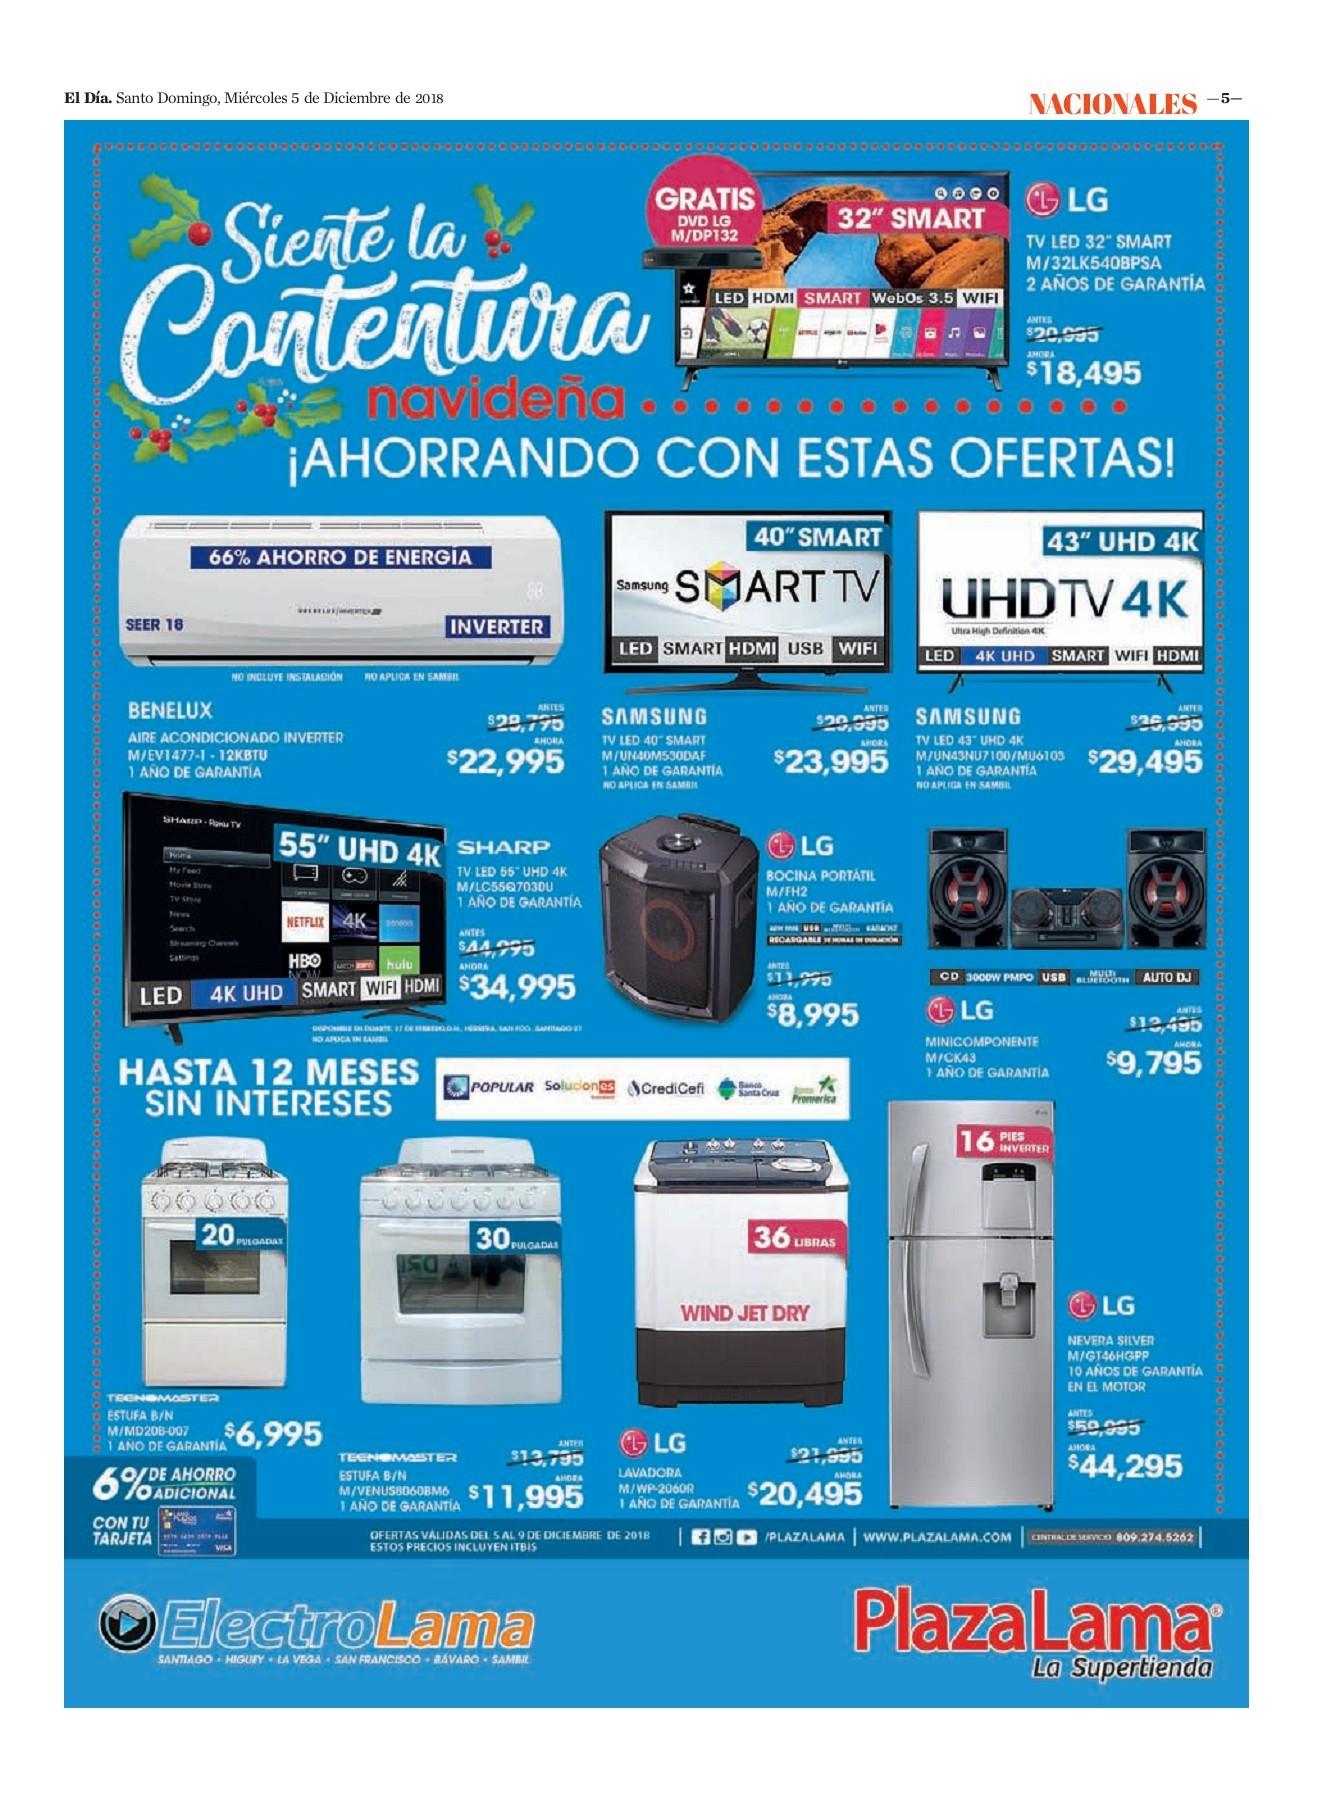 Encarte Plaza Lama, Miércoles 05 de Diciembre 2018